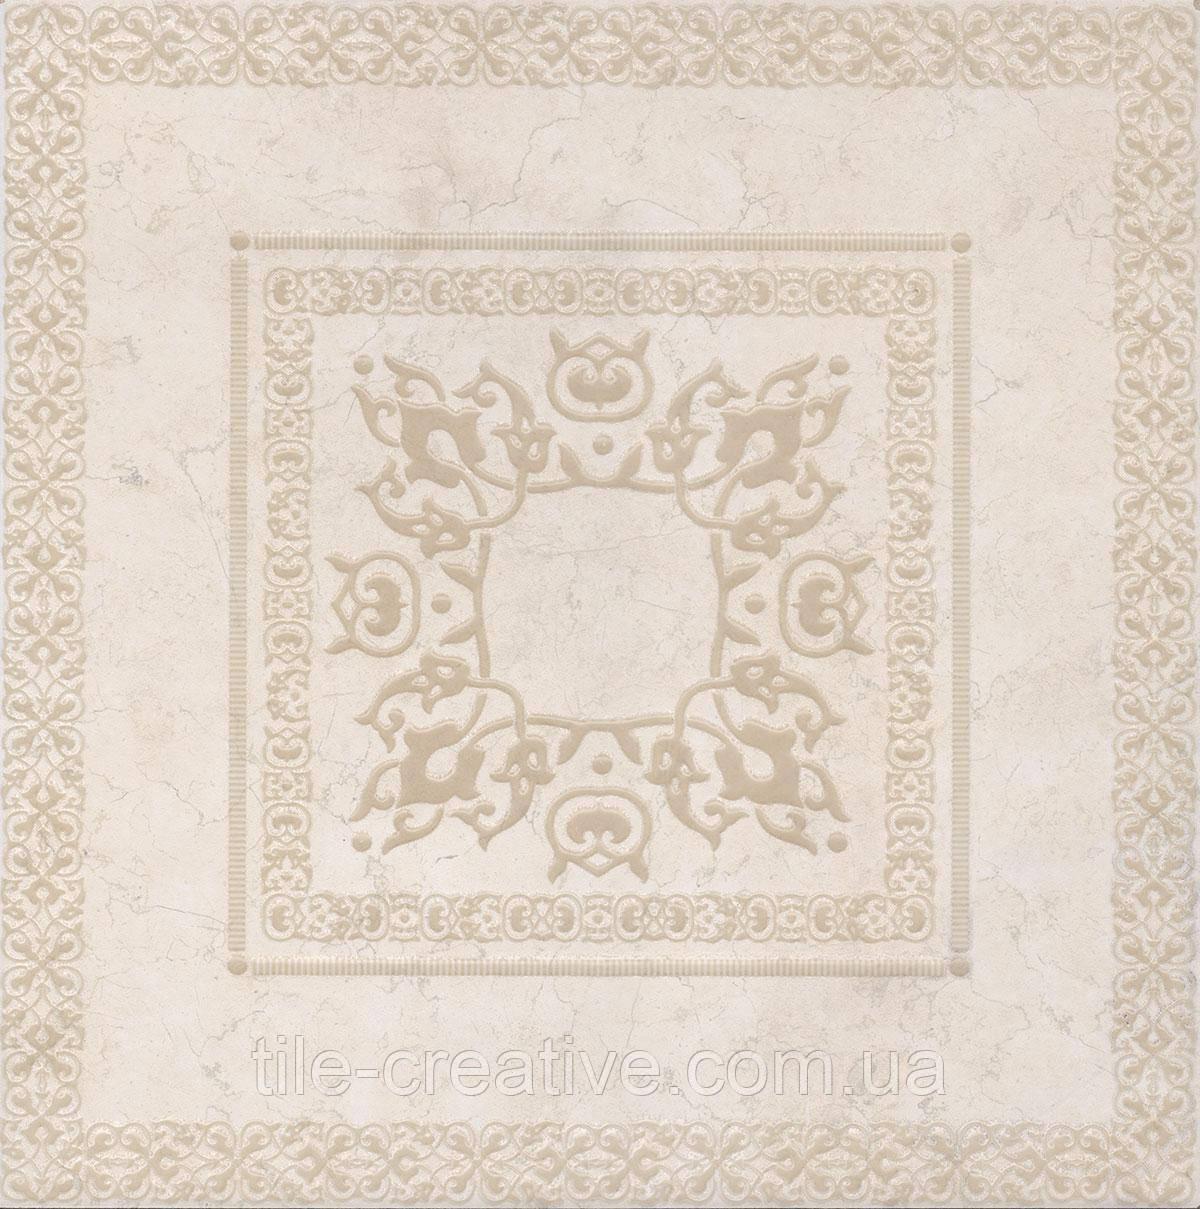 Керамическая плитка Декор Резиденция обрезной 50,2х50,2х9,5 AD\A328\SG4539